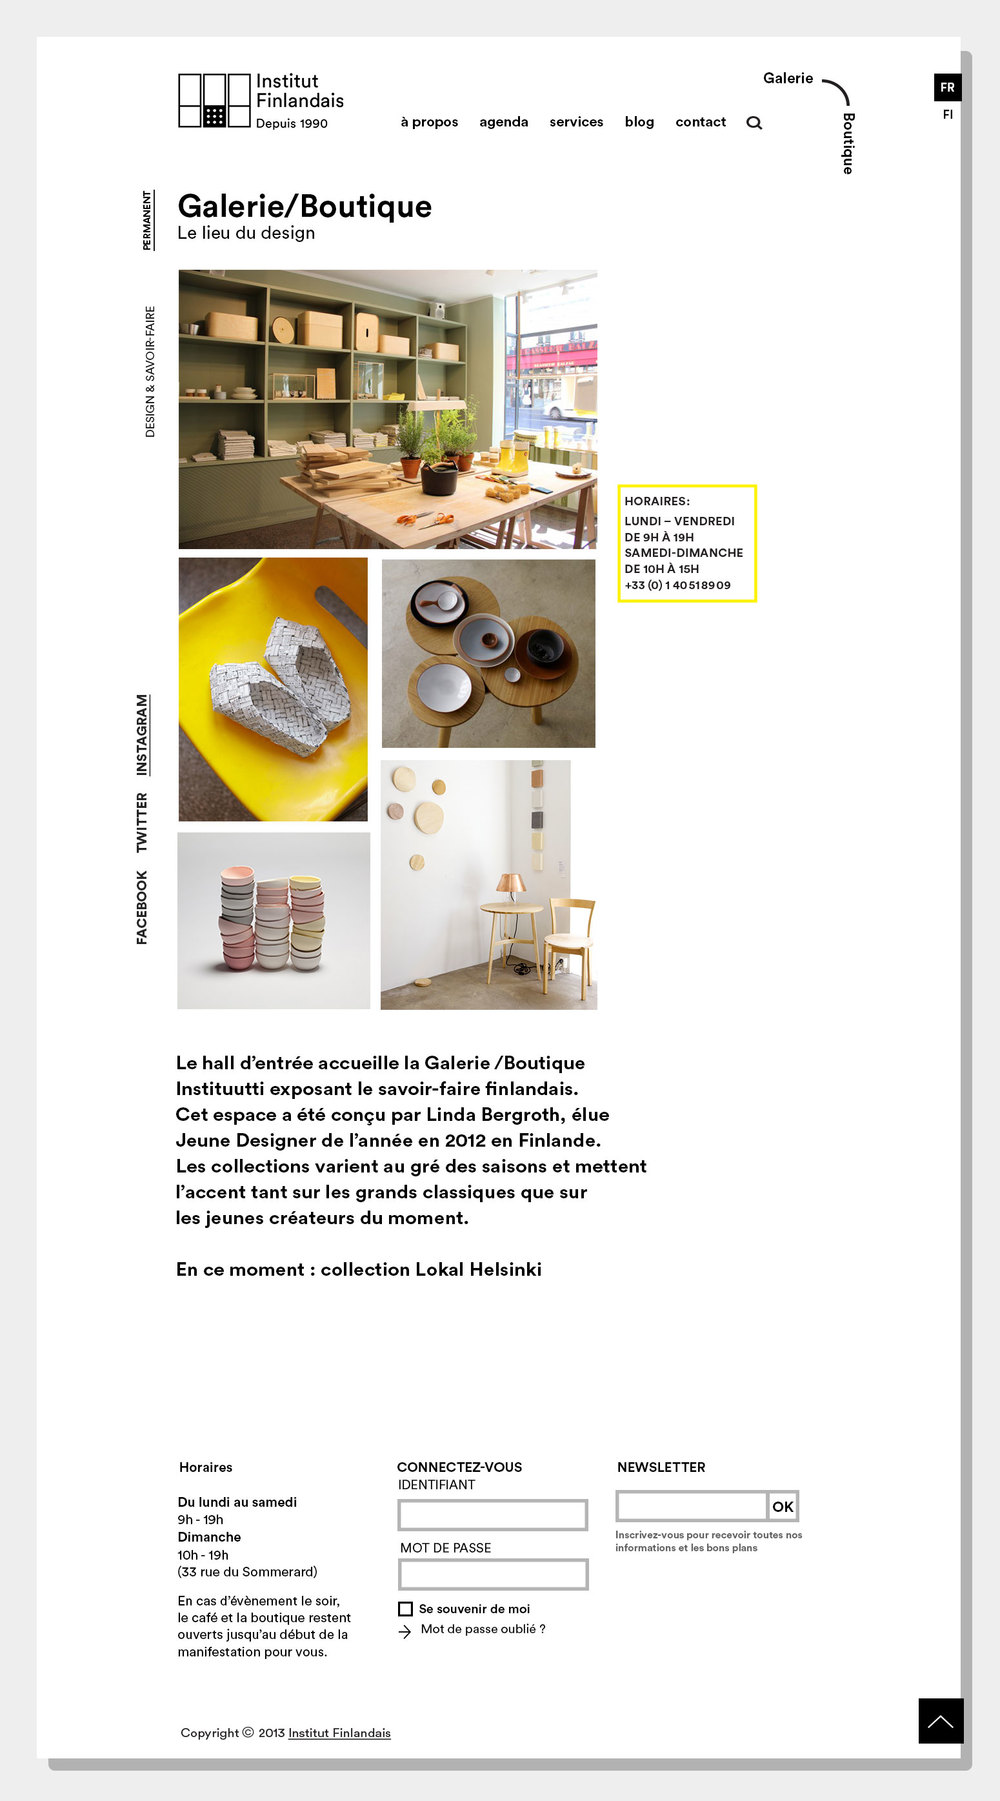 Site_Institut_Galerie.jpg